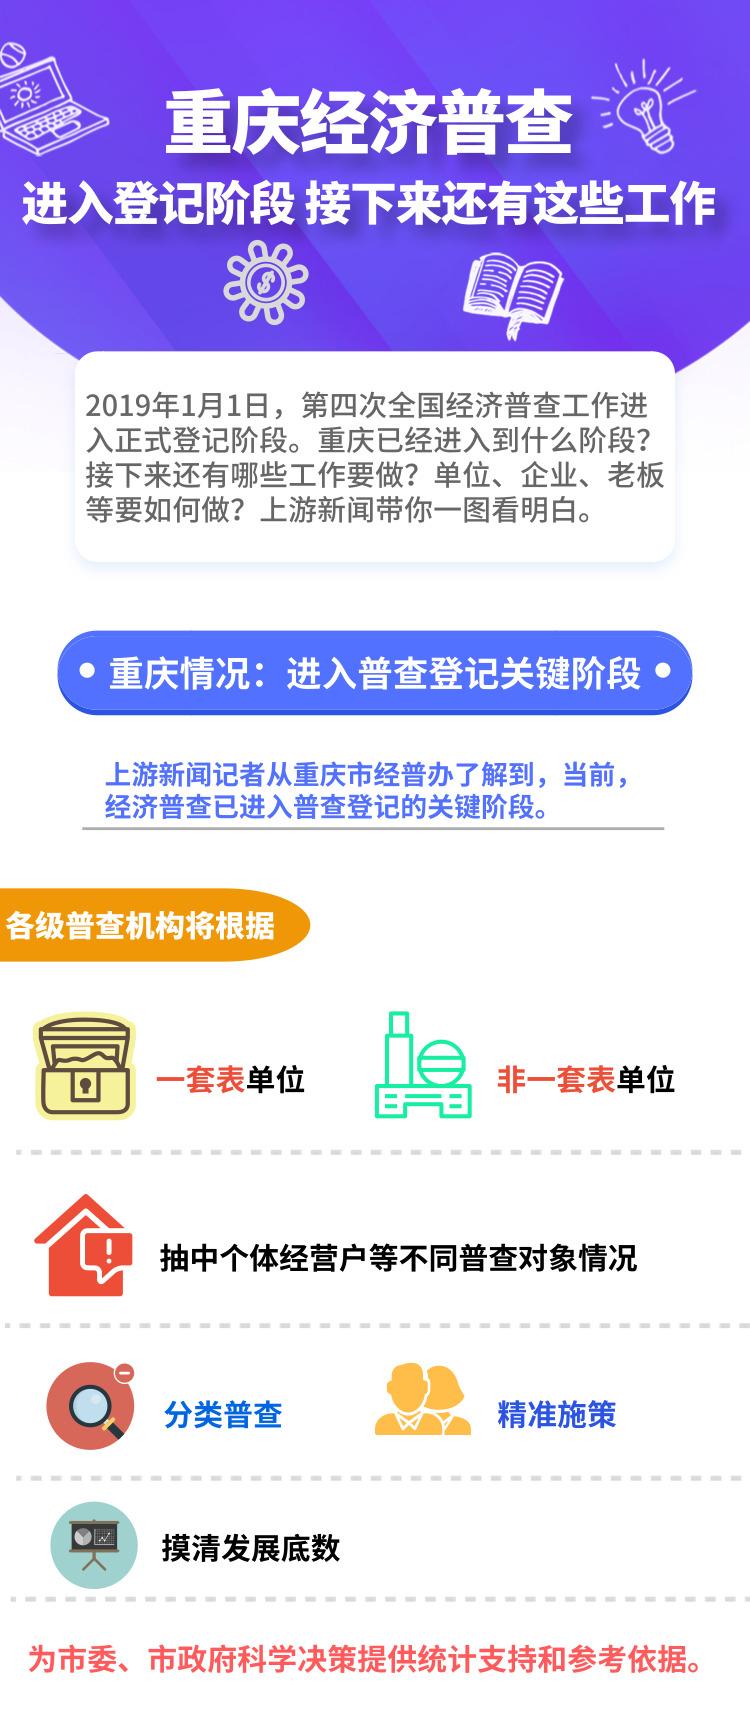 一图丨重庆经济普查进入登记阶段 接下来还有这些工作